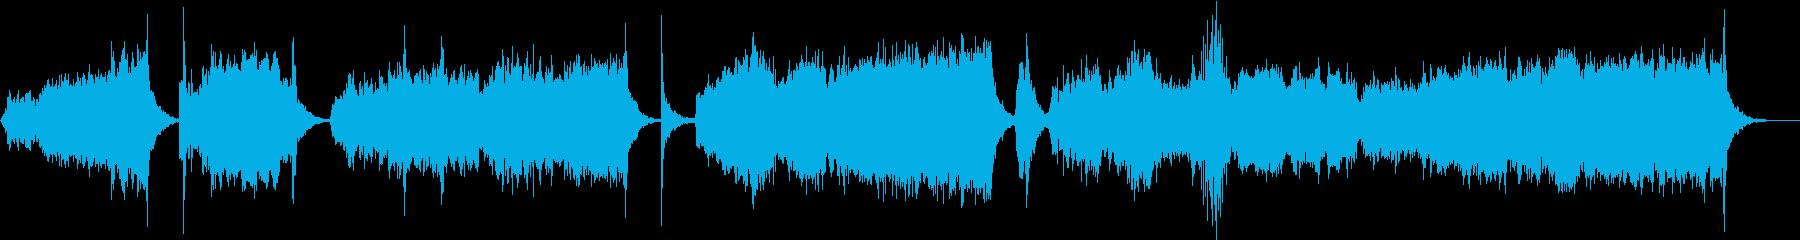 不穏な空気をオーケストラで演出の再生済みの波形